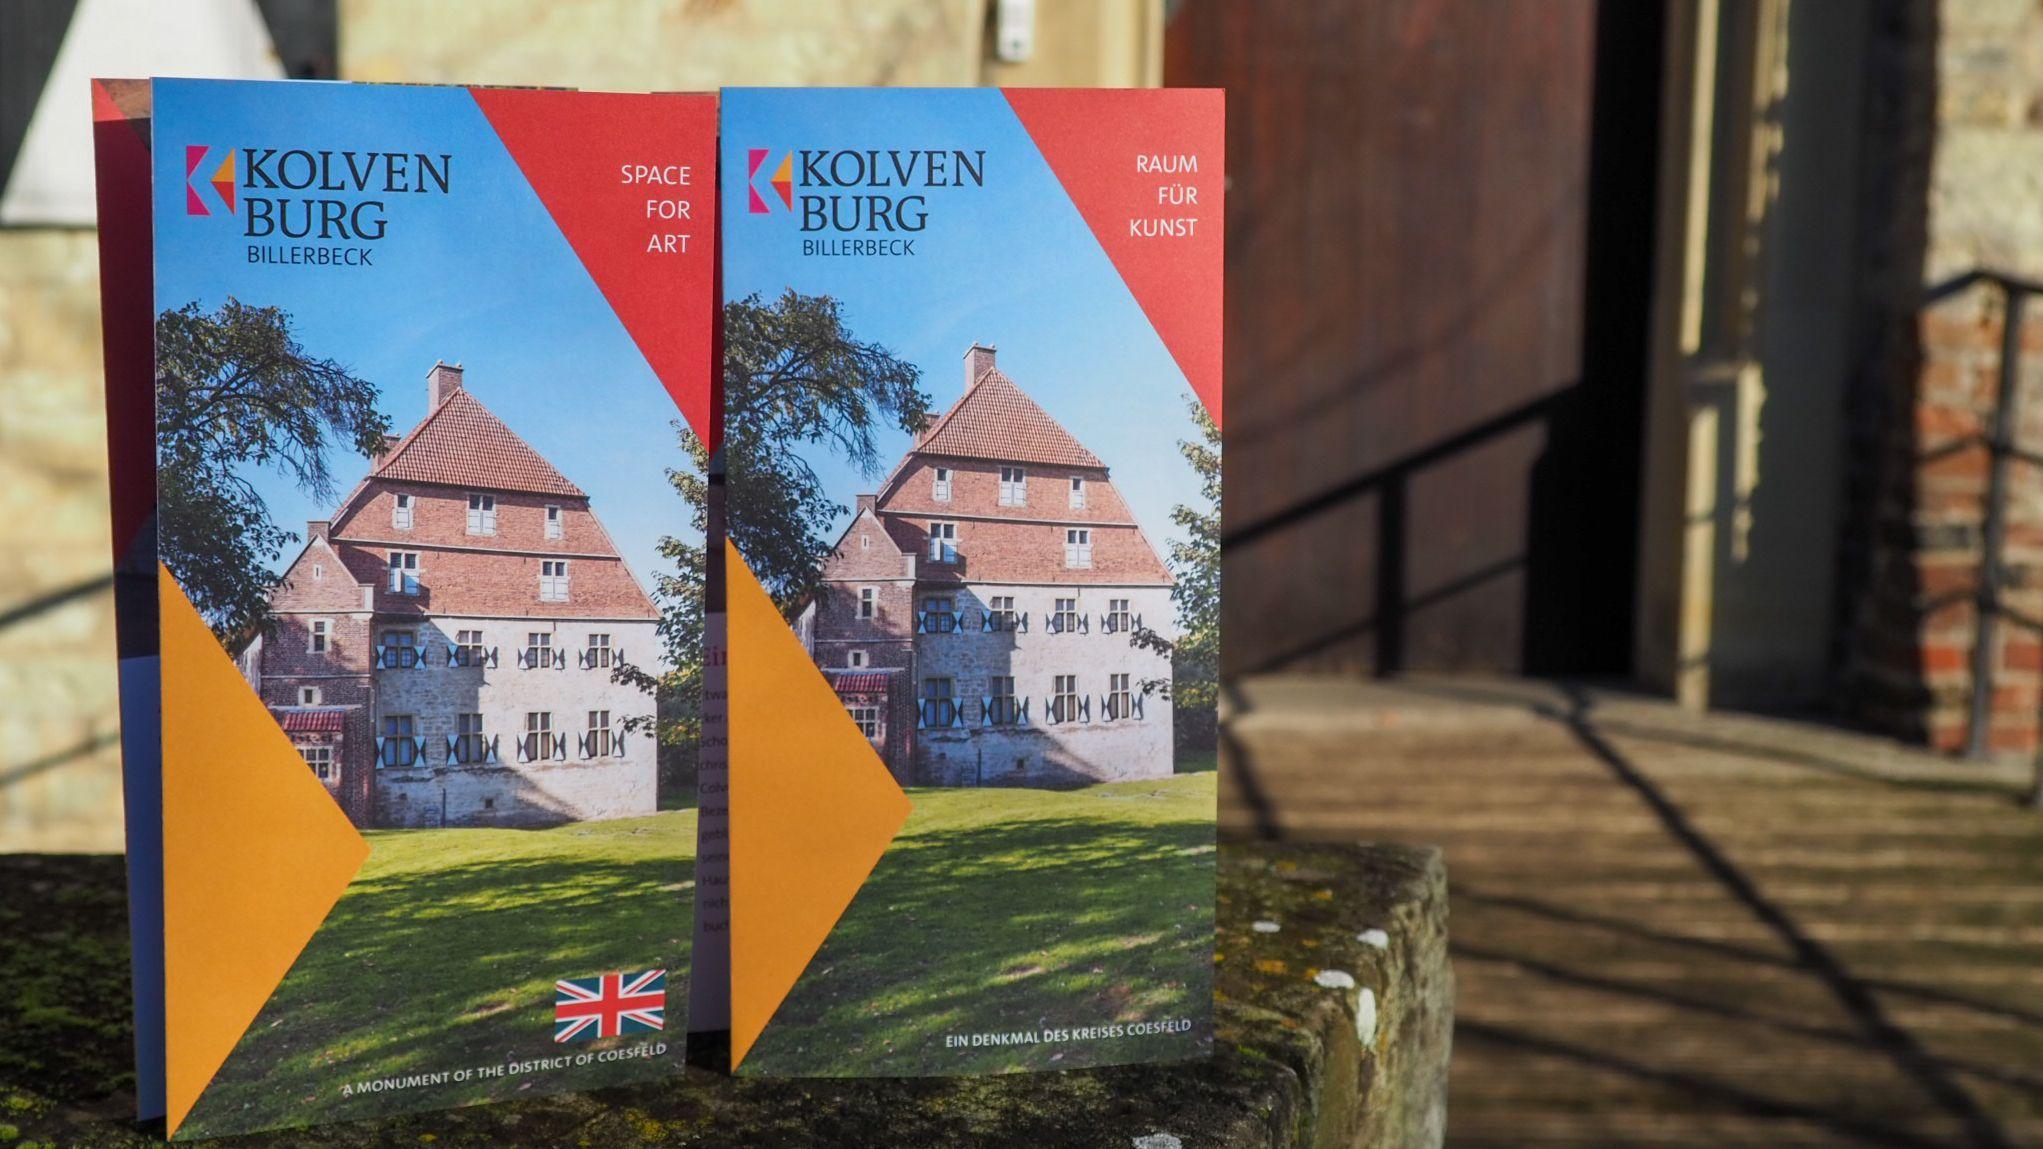 Mit Hilfe der Kleinprojekte-Förderung hat die Kolvenburg einen neuen Flyer entworfen. Foto: © Kreis Coesfeld, Foto: Lukas Bertels